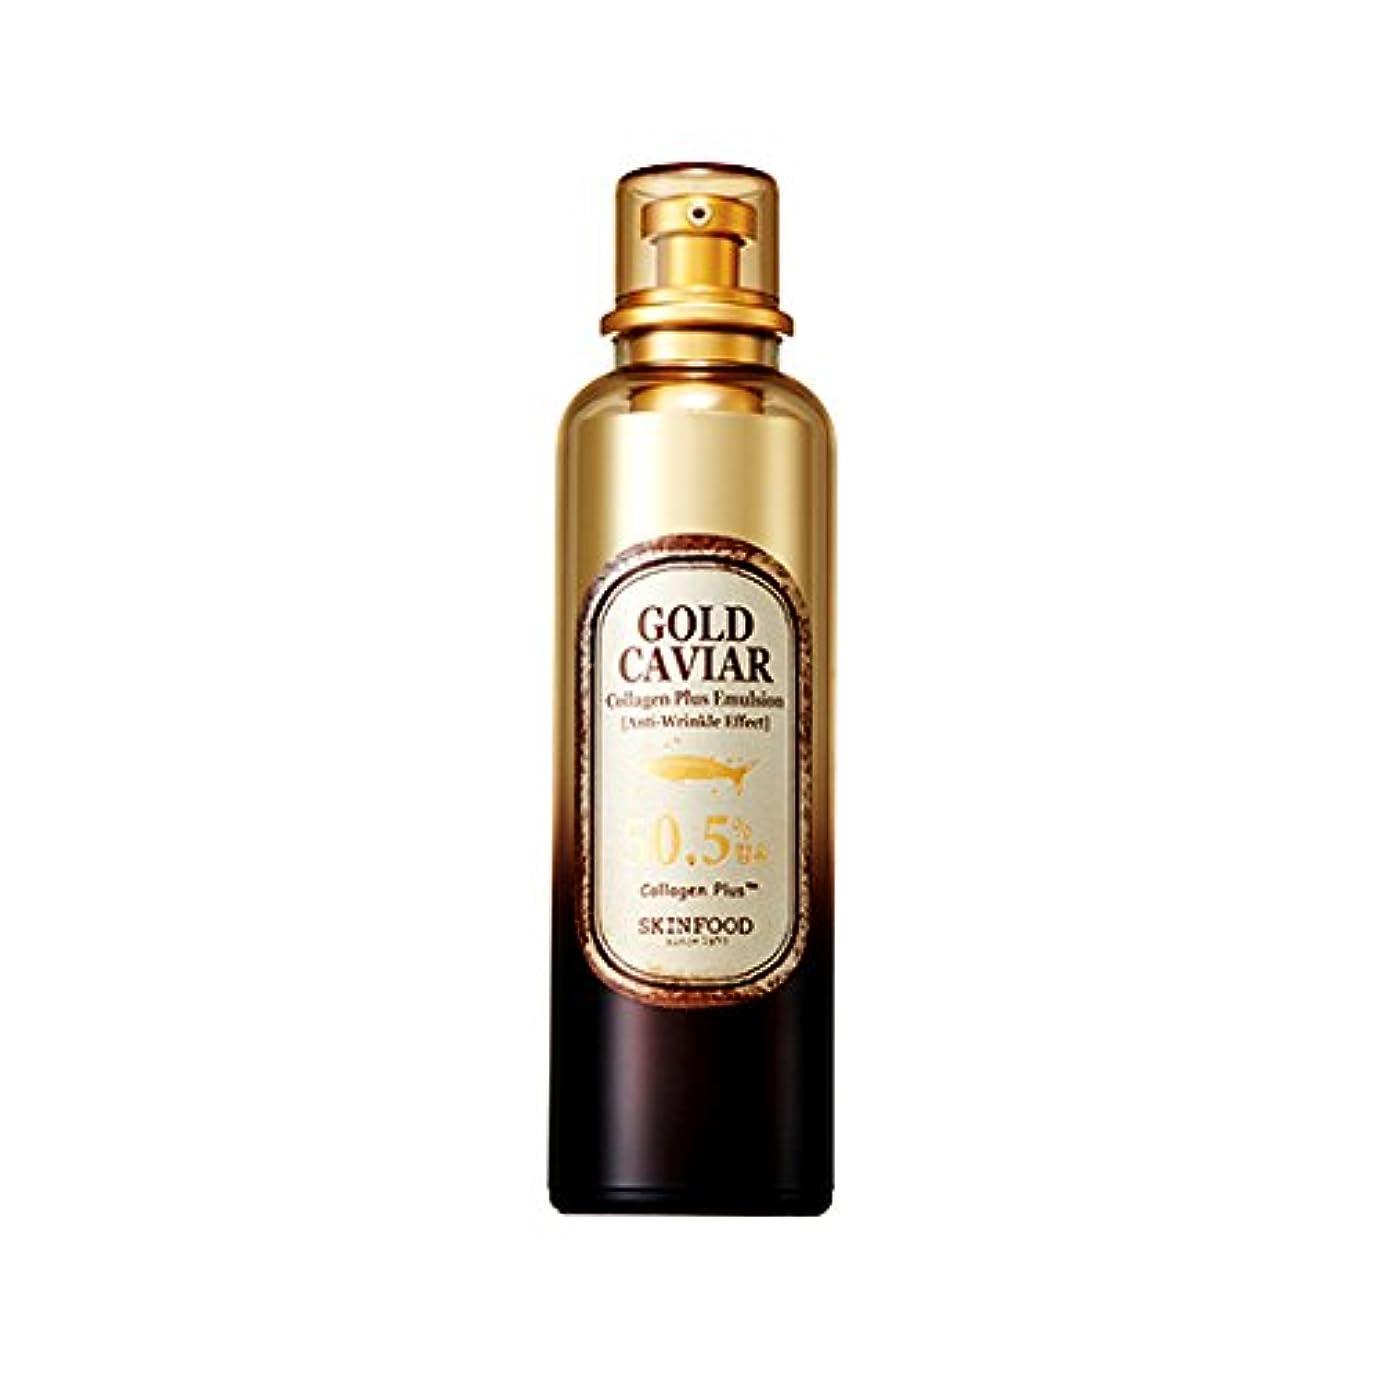 有利ラブ突進Skinfood ゴールドキャビアコラーゲンプラスエマルジョン/Gold Caviar Collagen Plus Emulsion 120ml [並行輸入品]